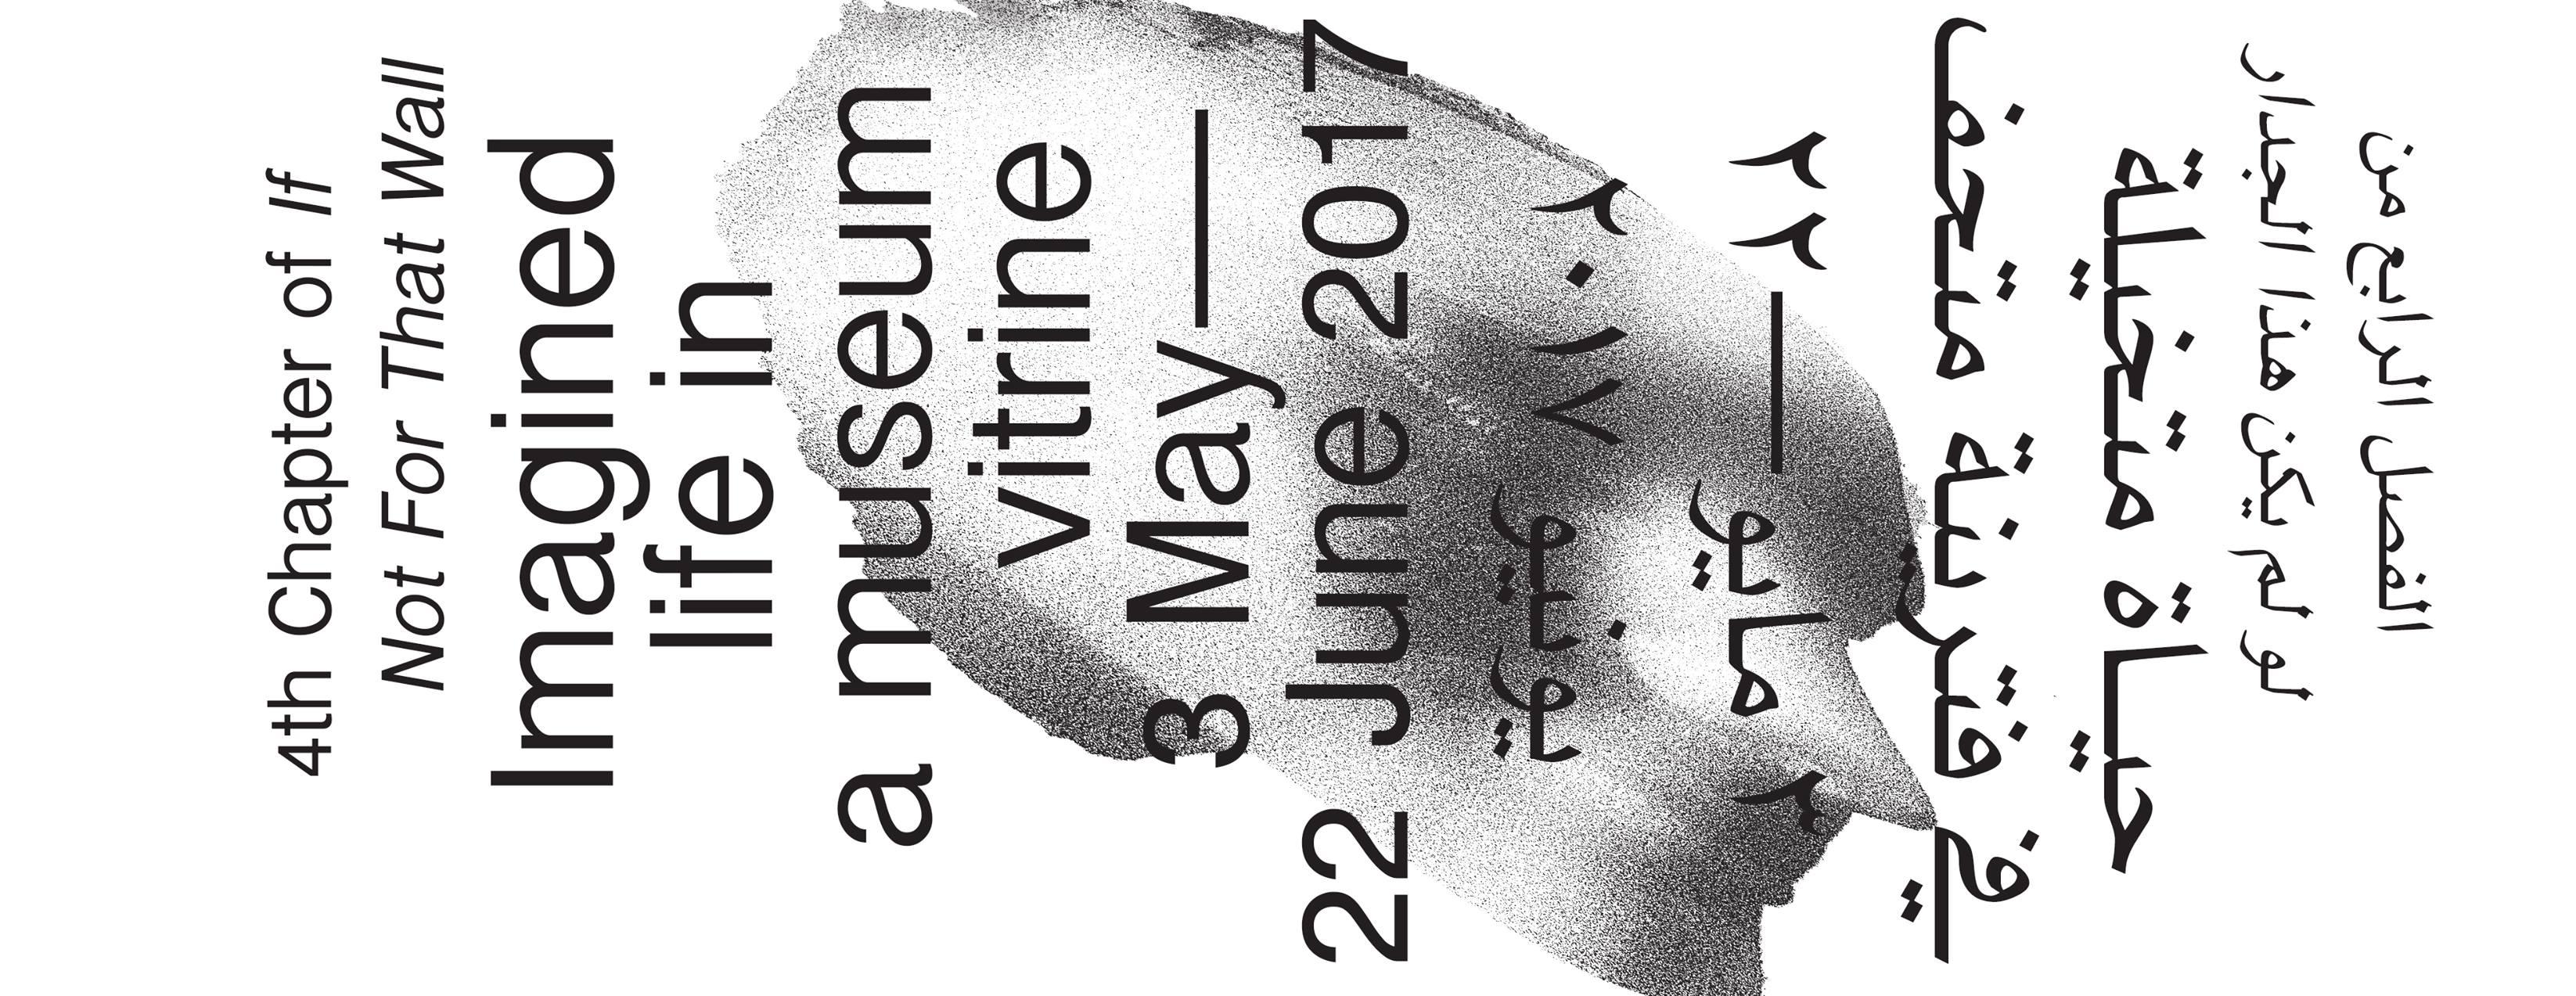 L'exposition historique et digitale «Imagined Life In a Museum Vitrine» au Contemporary Image Collective du Caire jusqu'au 22 juin 2017